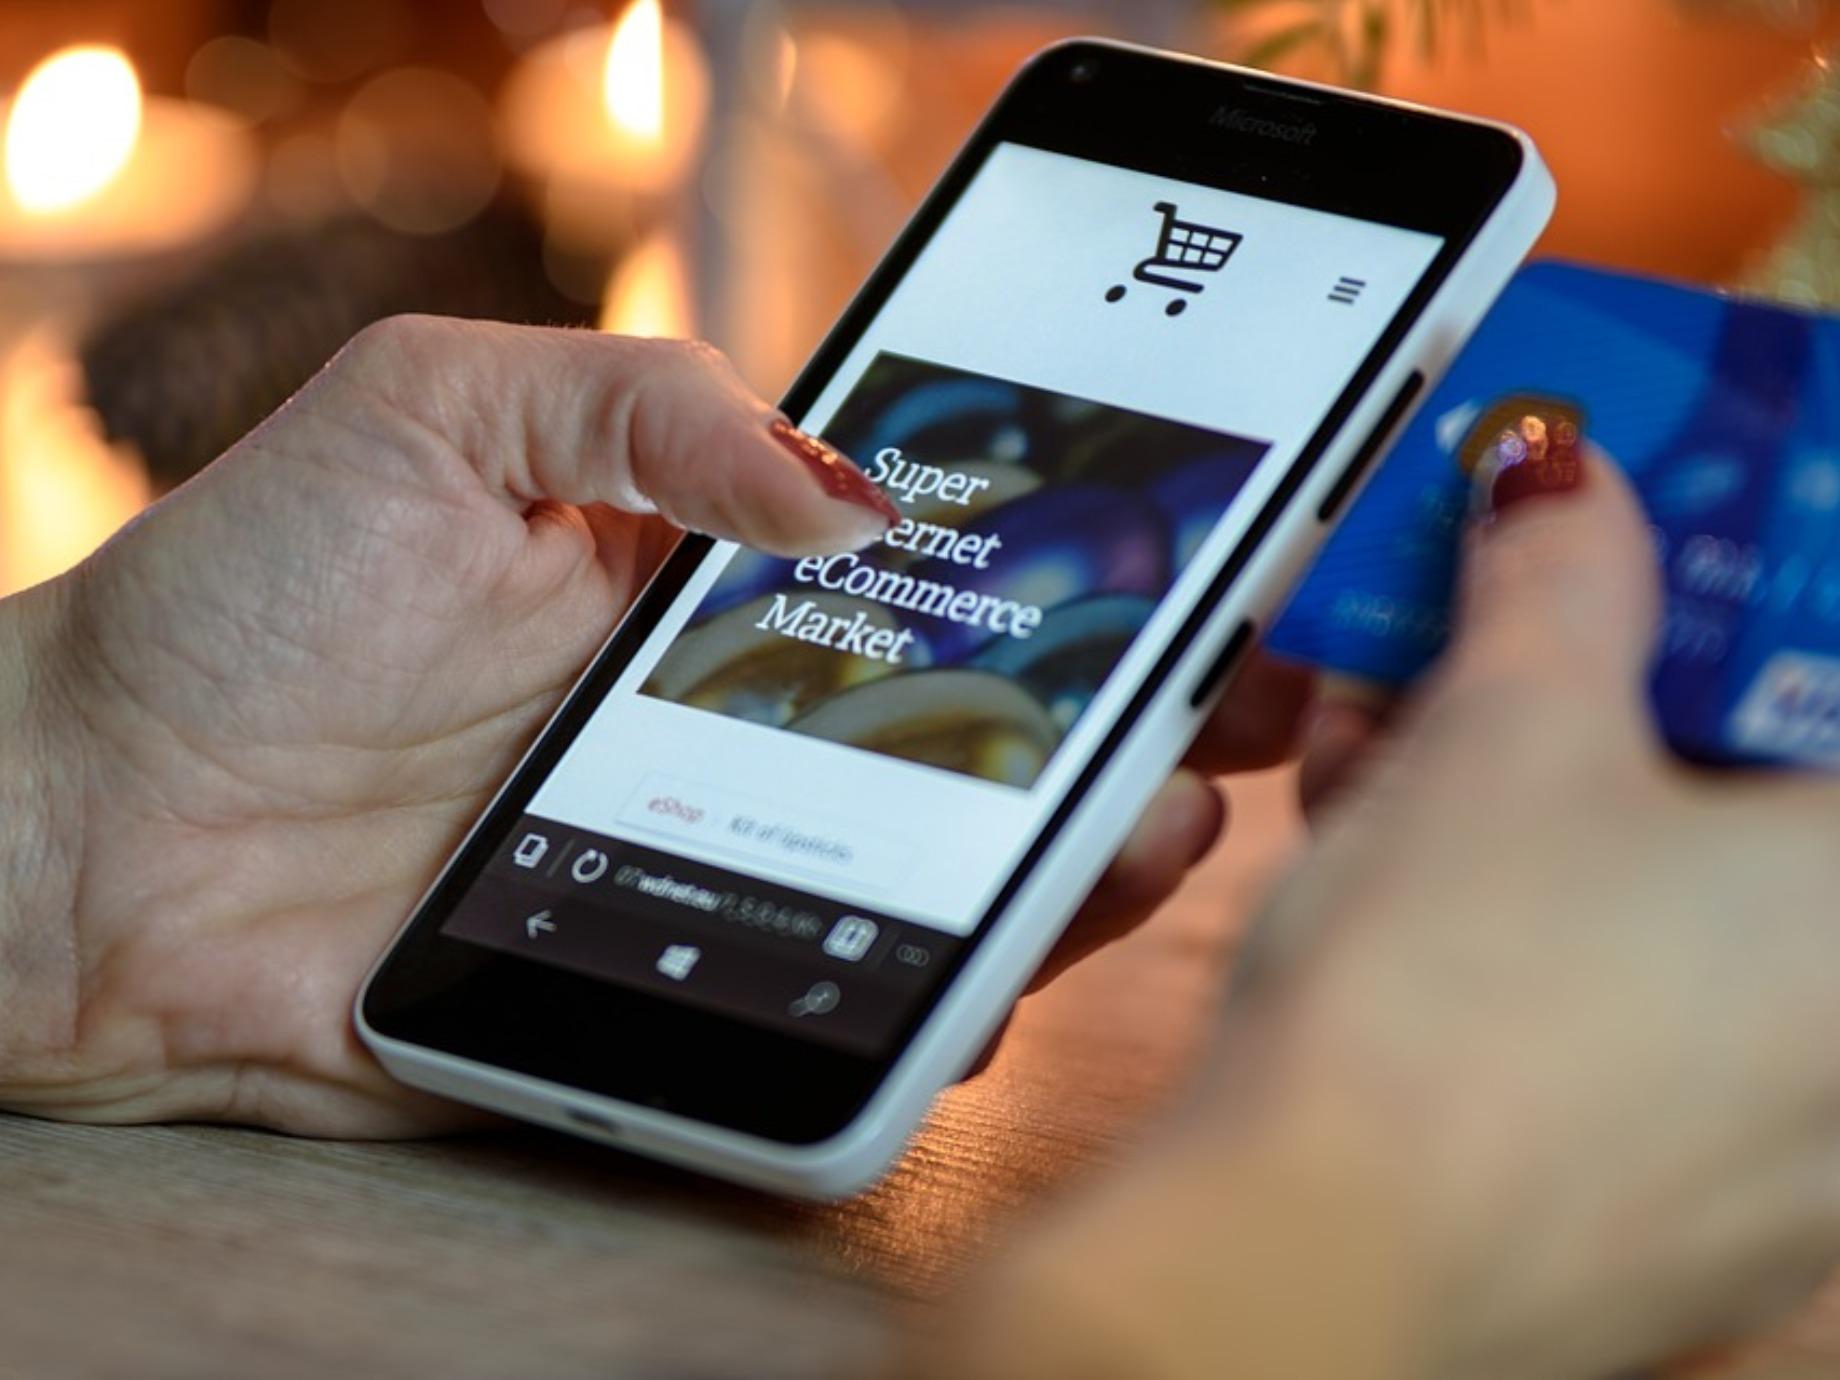 「歐美版淘寶」不賣假貨,超低價直攻行動電商市場